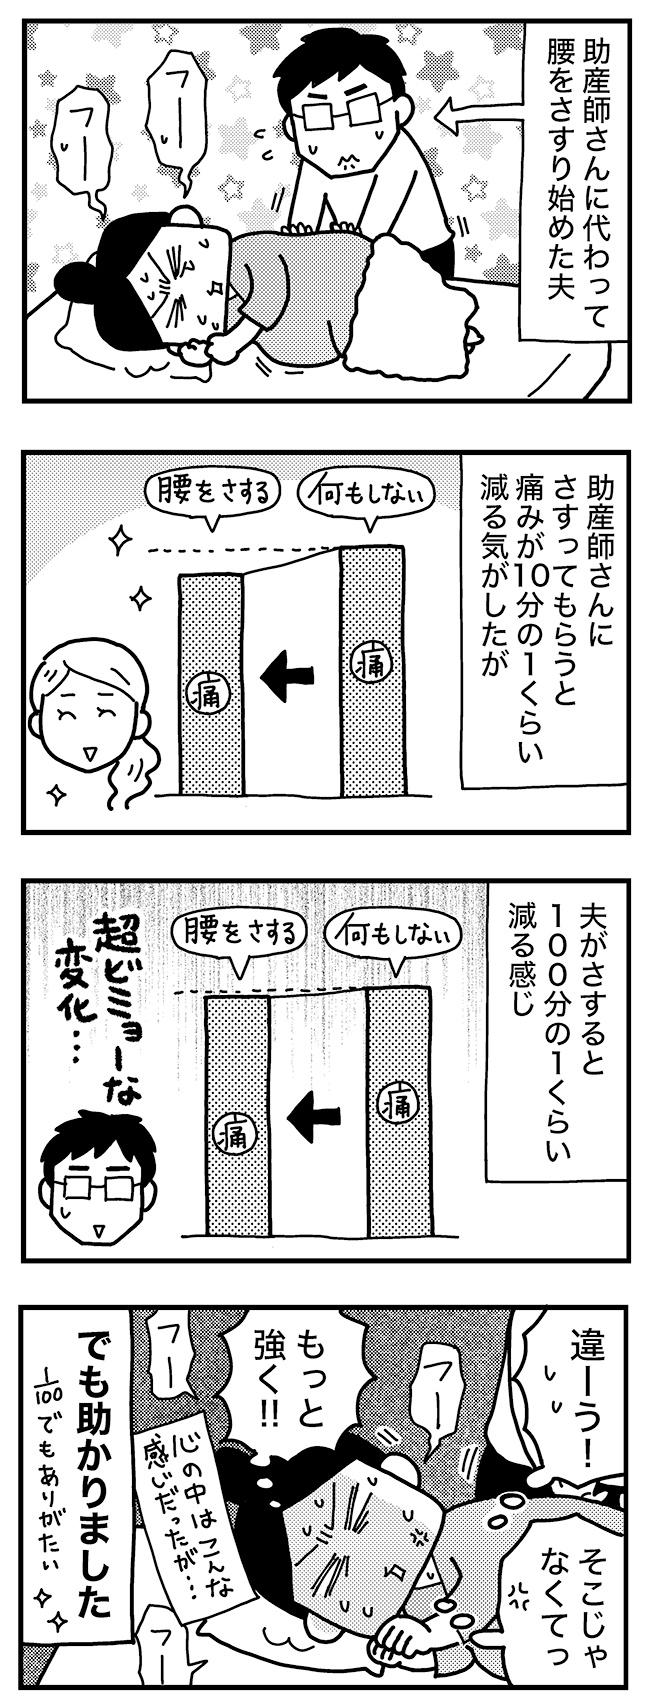 和田さん49話